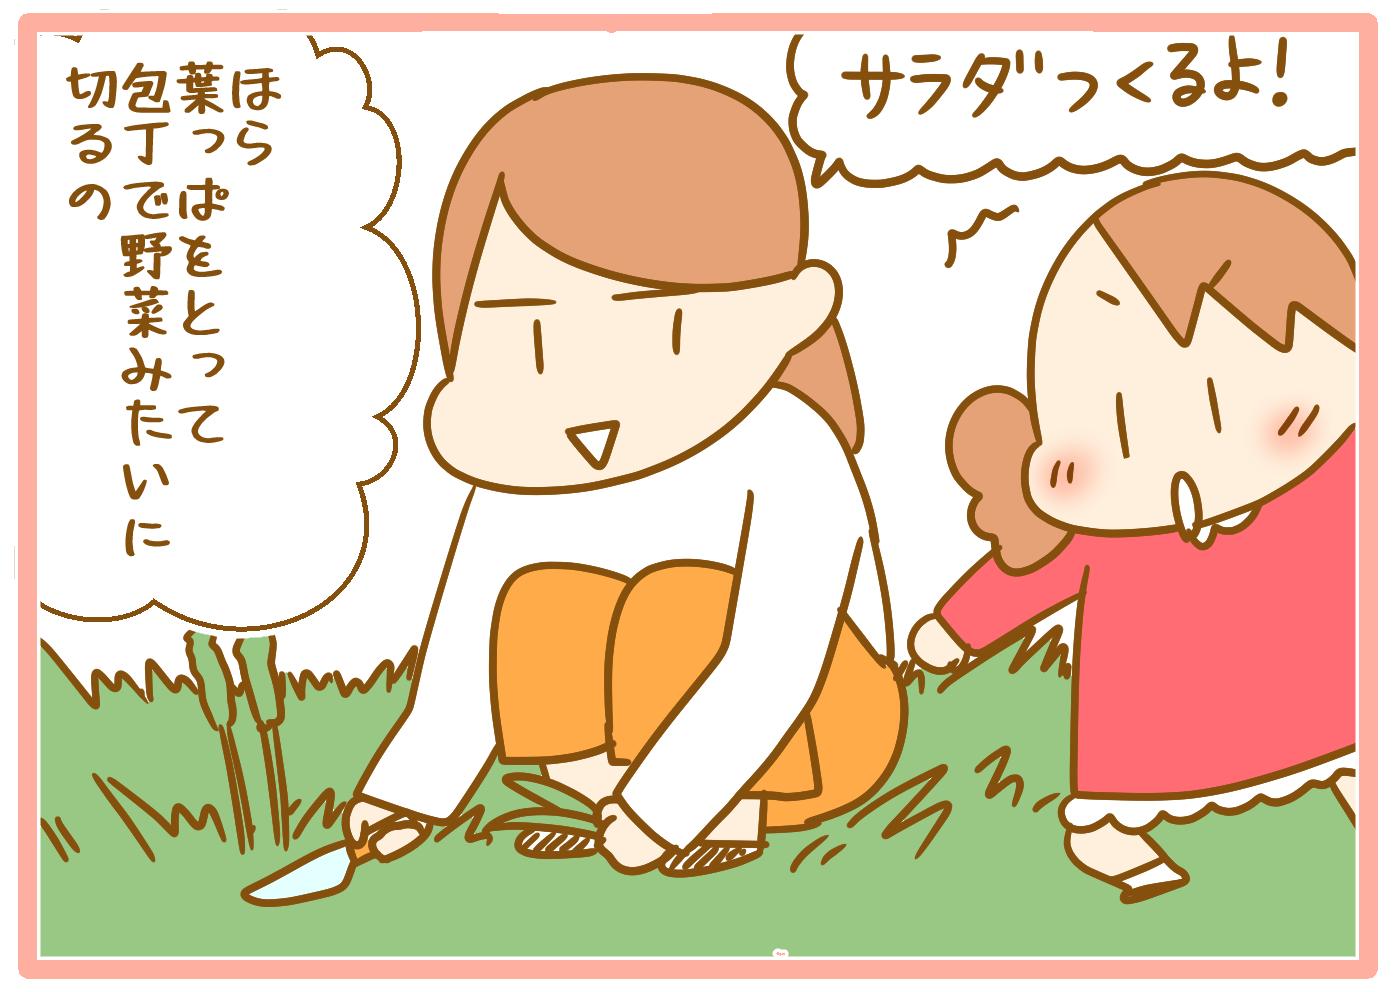 娘たちに野草でままごとをすることを提案してみました